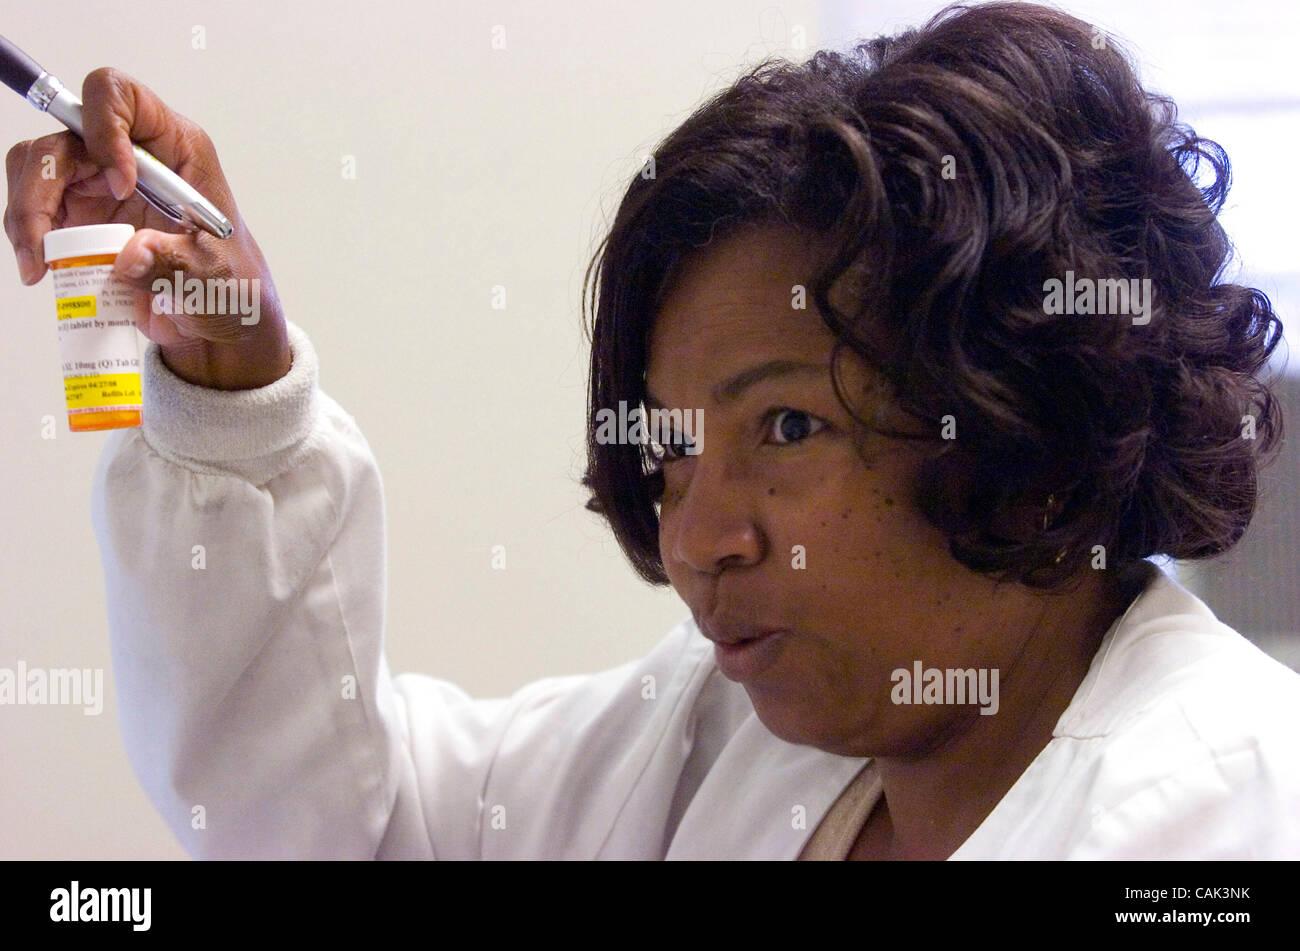 ATLANTA, GA - 20 settembre: Grady Memorial Hospital un infermiere del centro antidiabetico Pamela Vaughn si consulta Immagini Stock